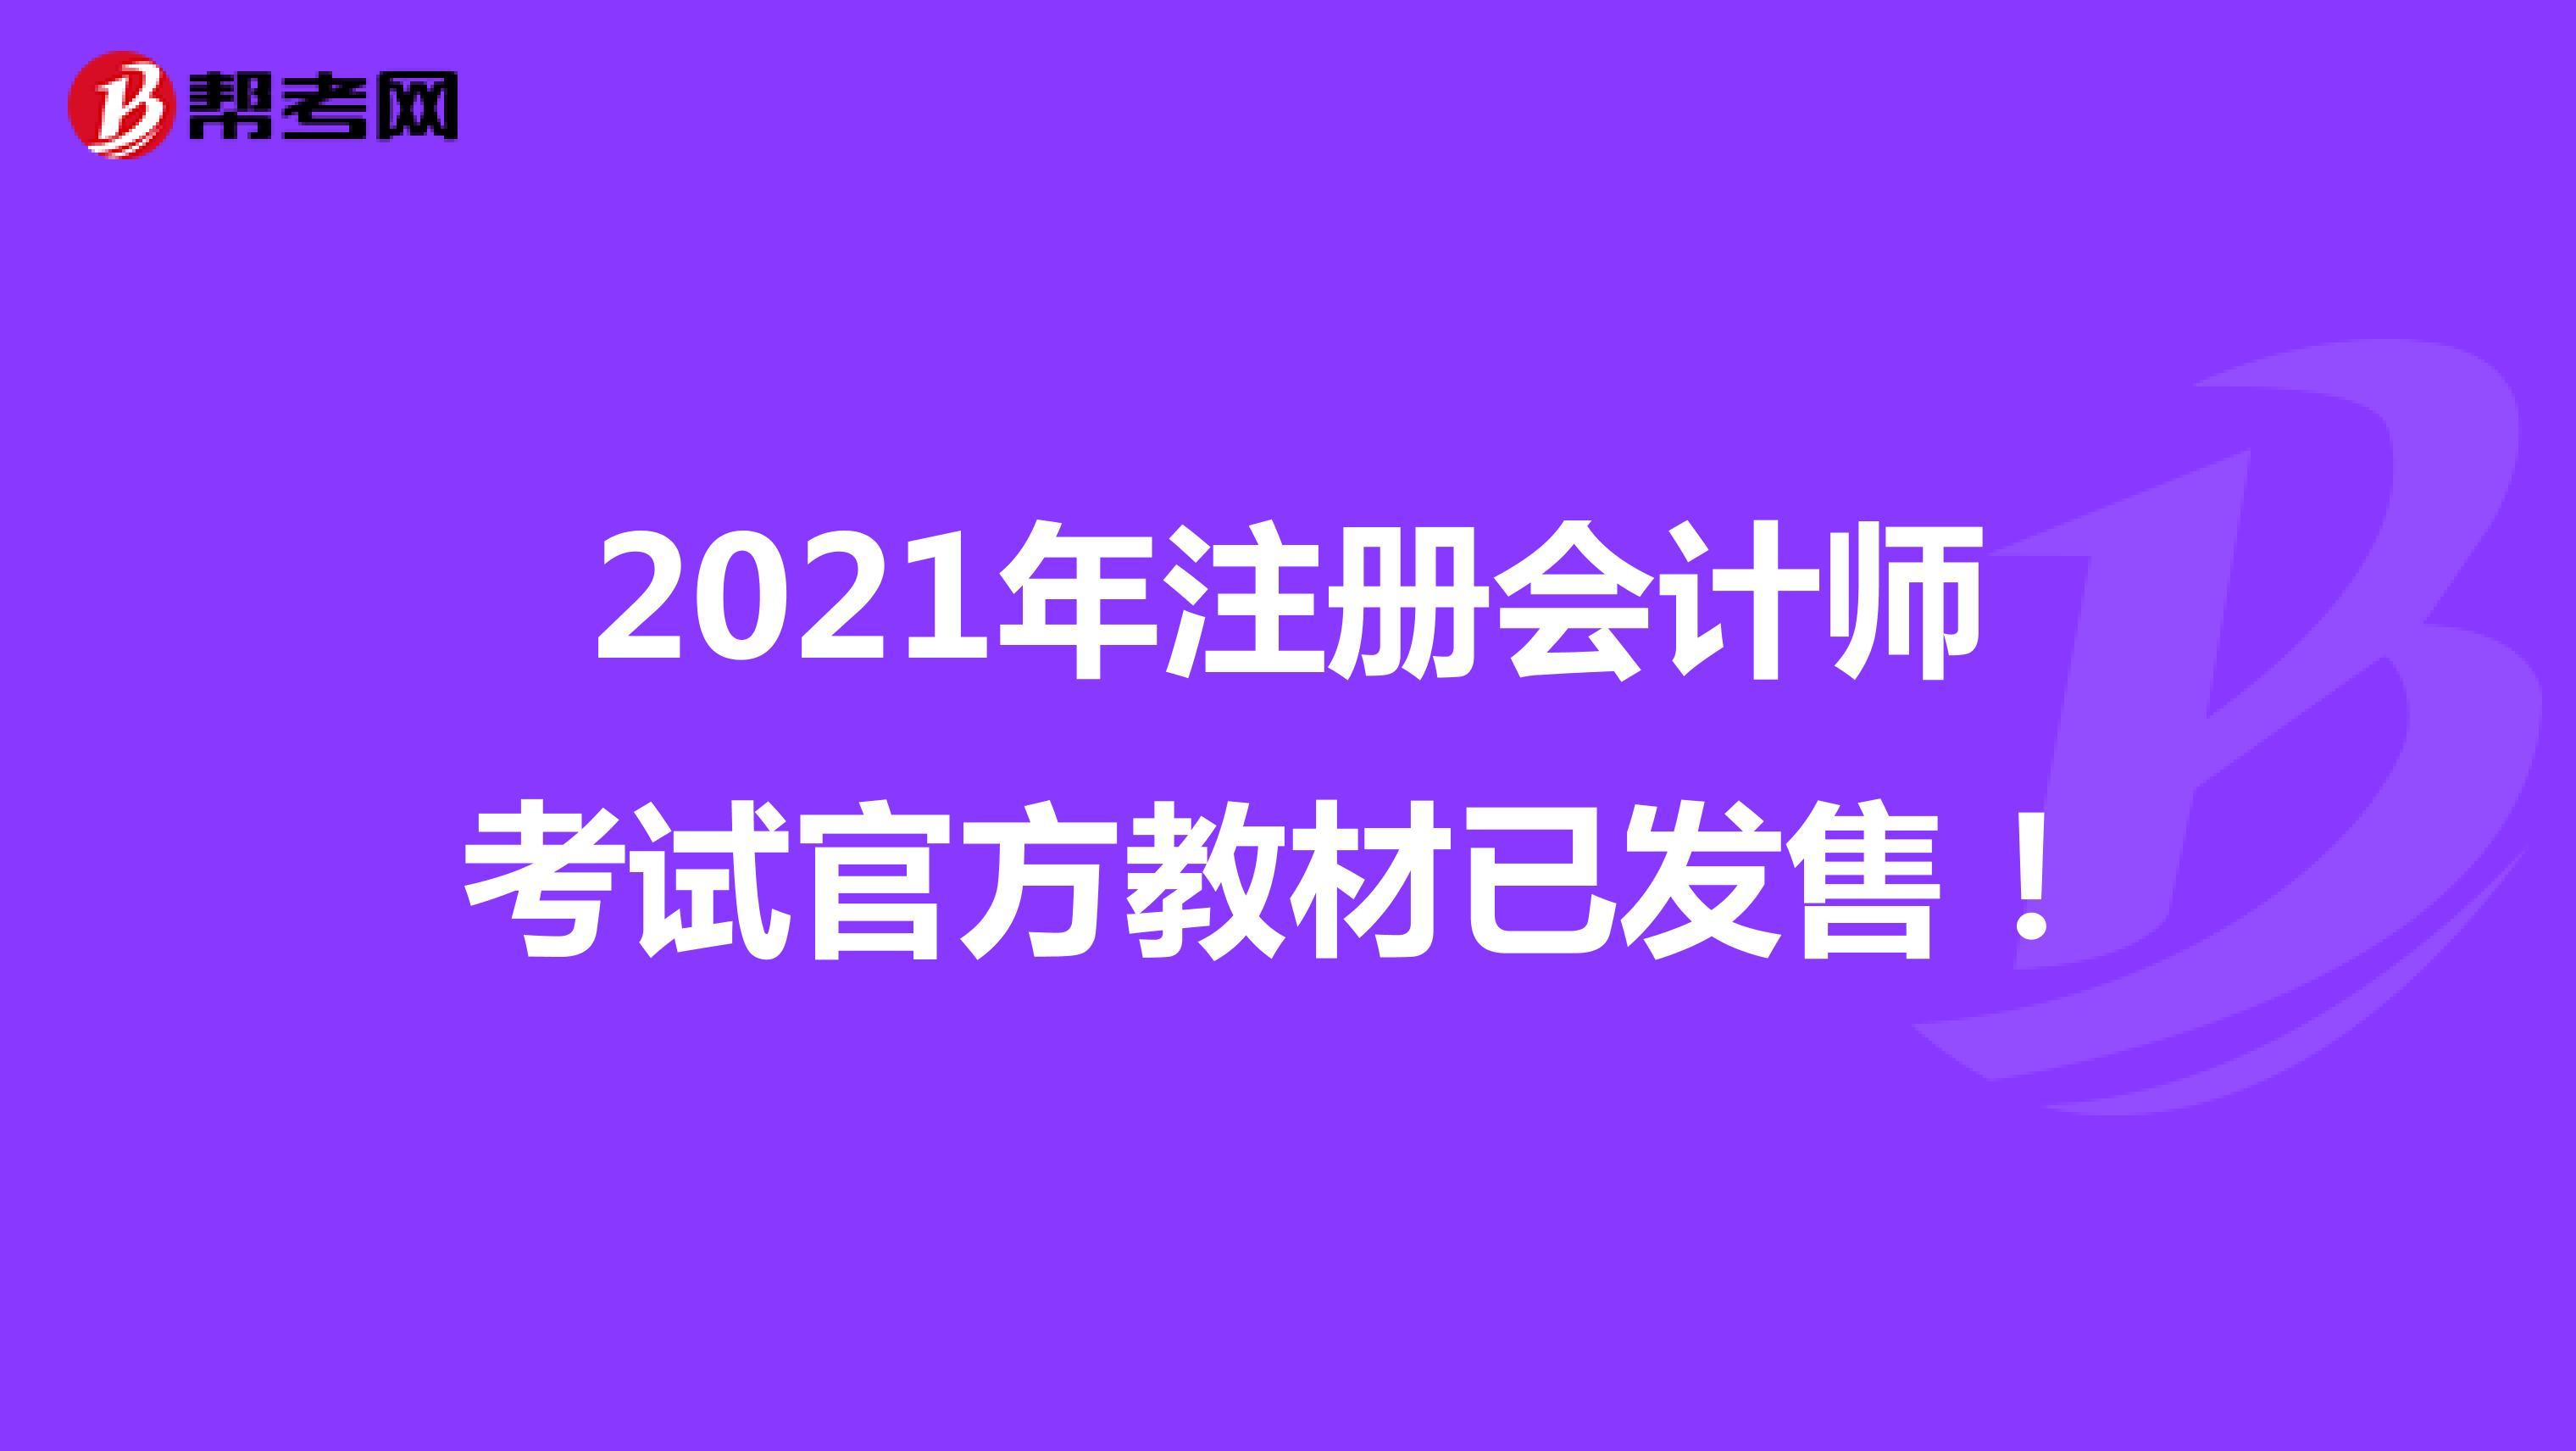 2021年注冊會計師考試官方教材已發售!